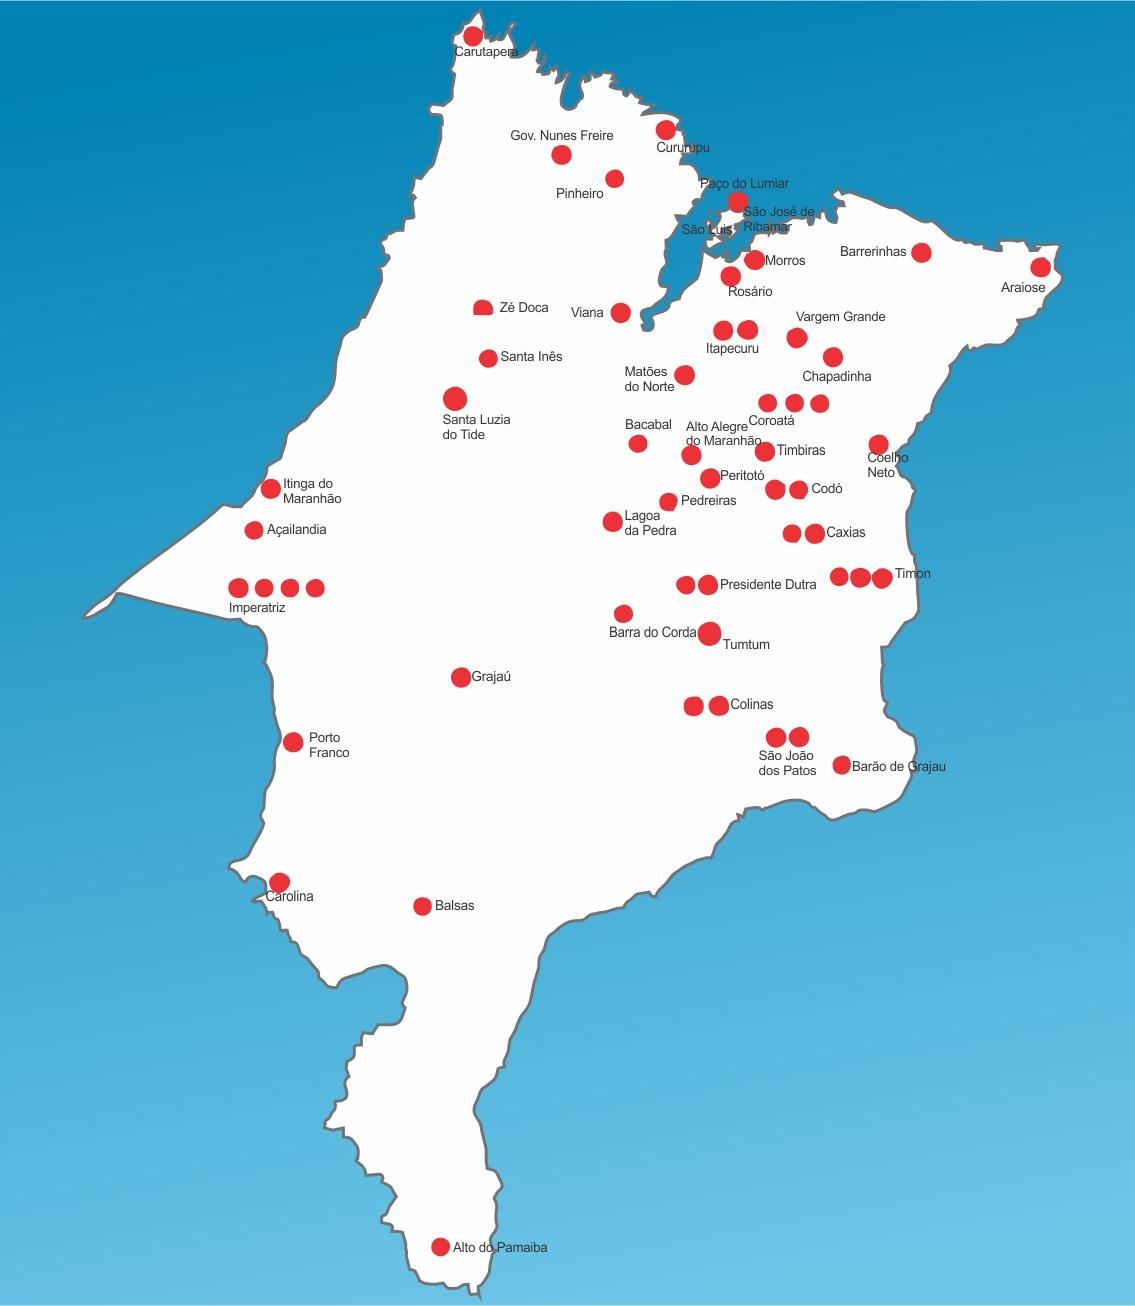 Mapa das unidades de saúde do maranhão